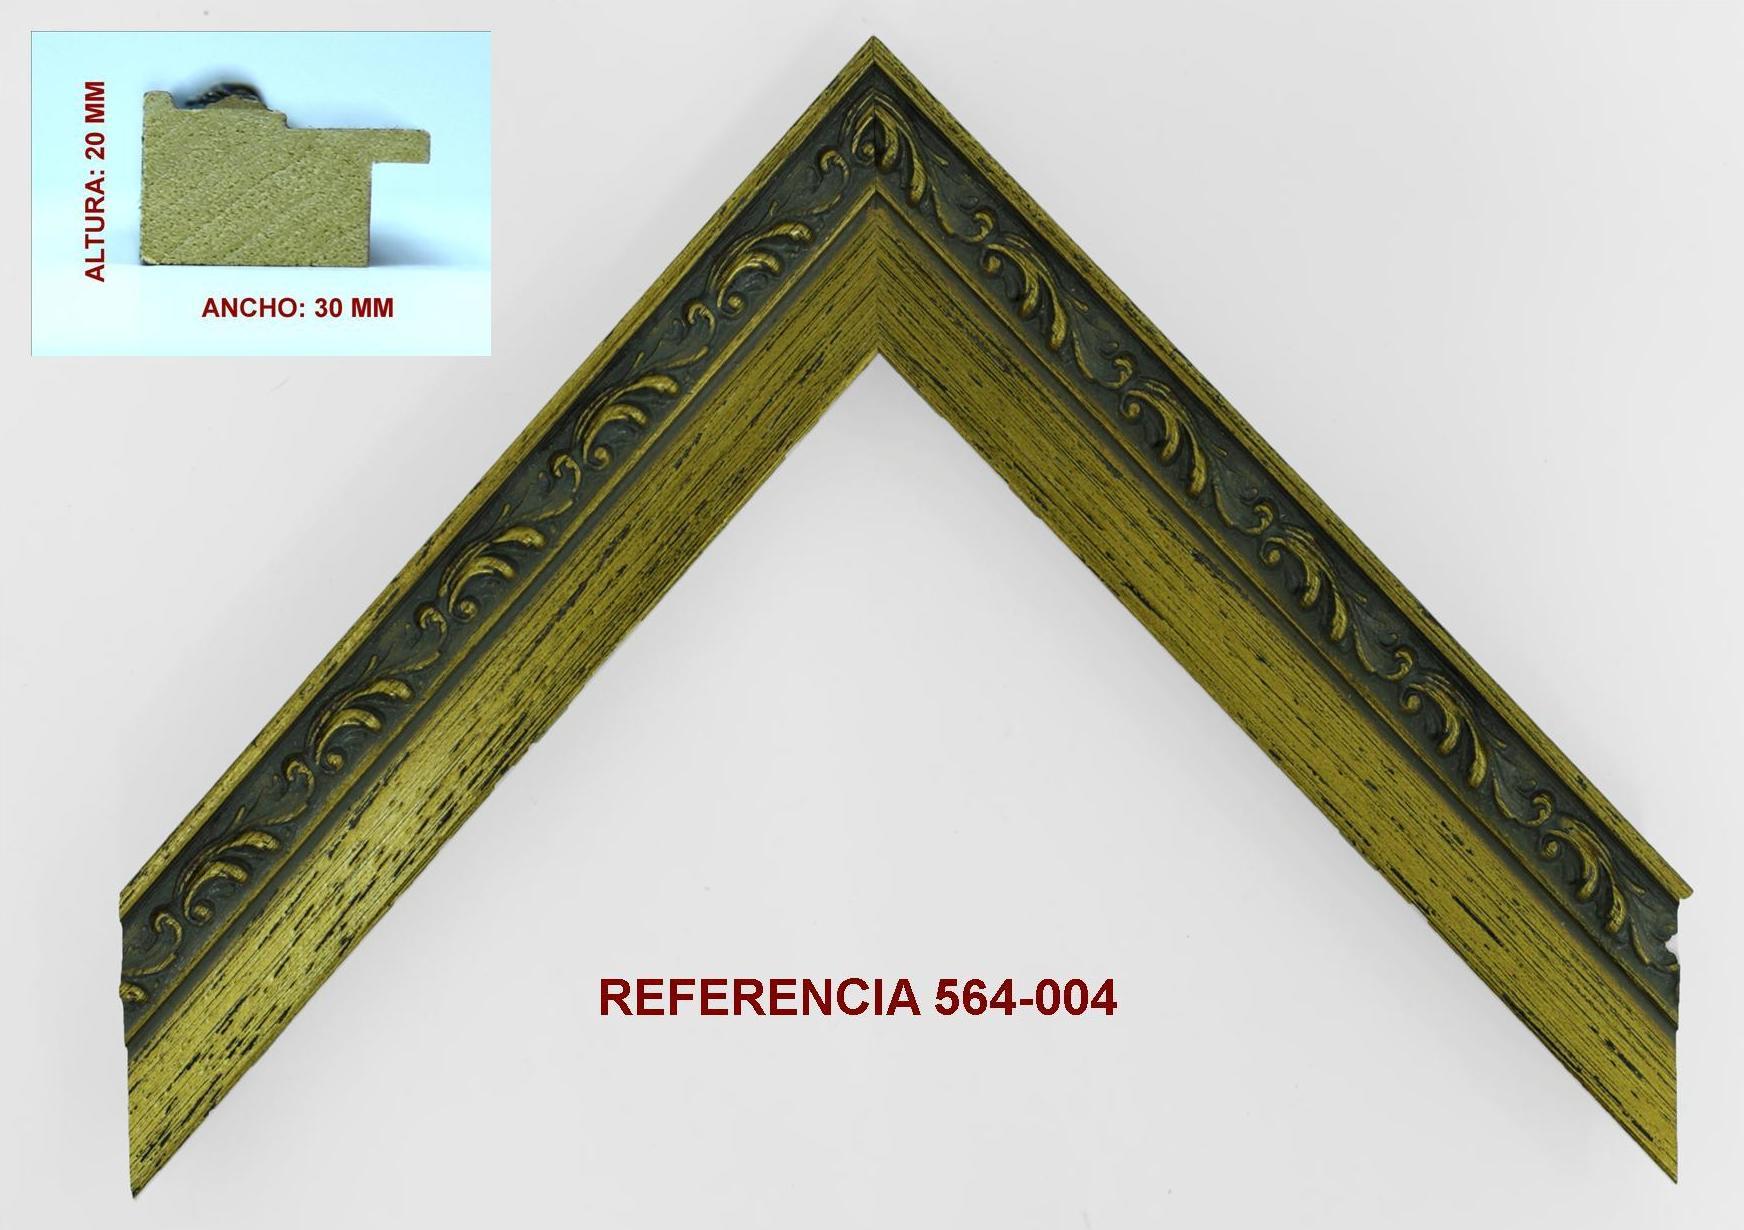 REF 564-004